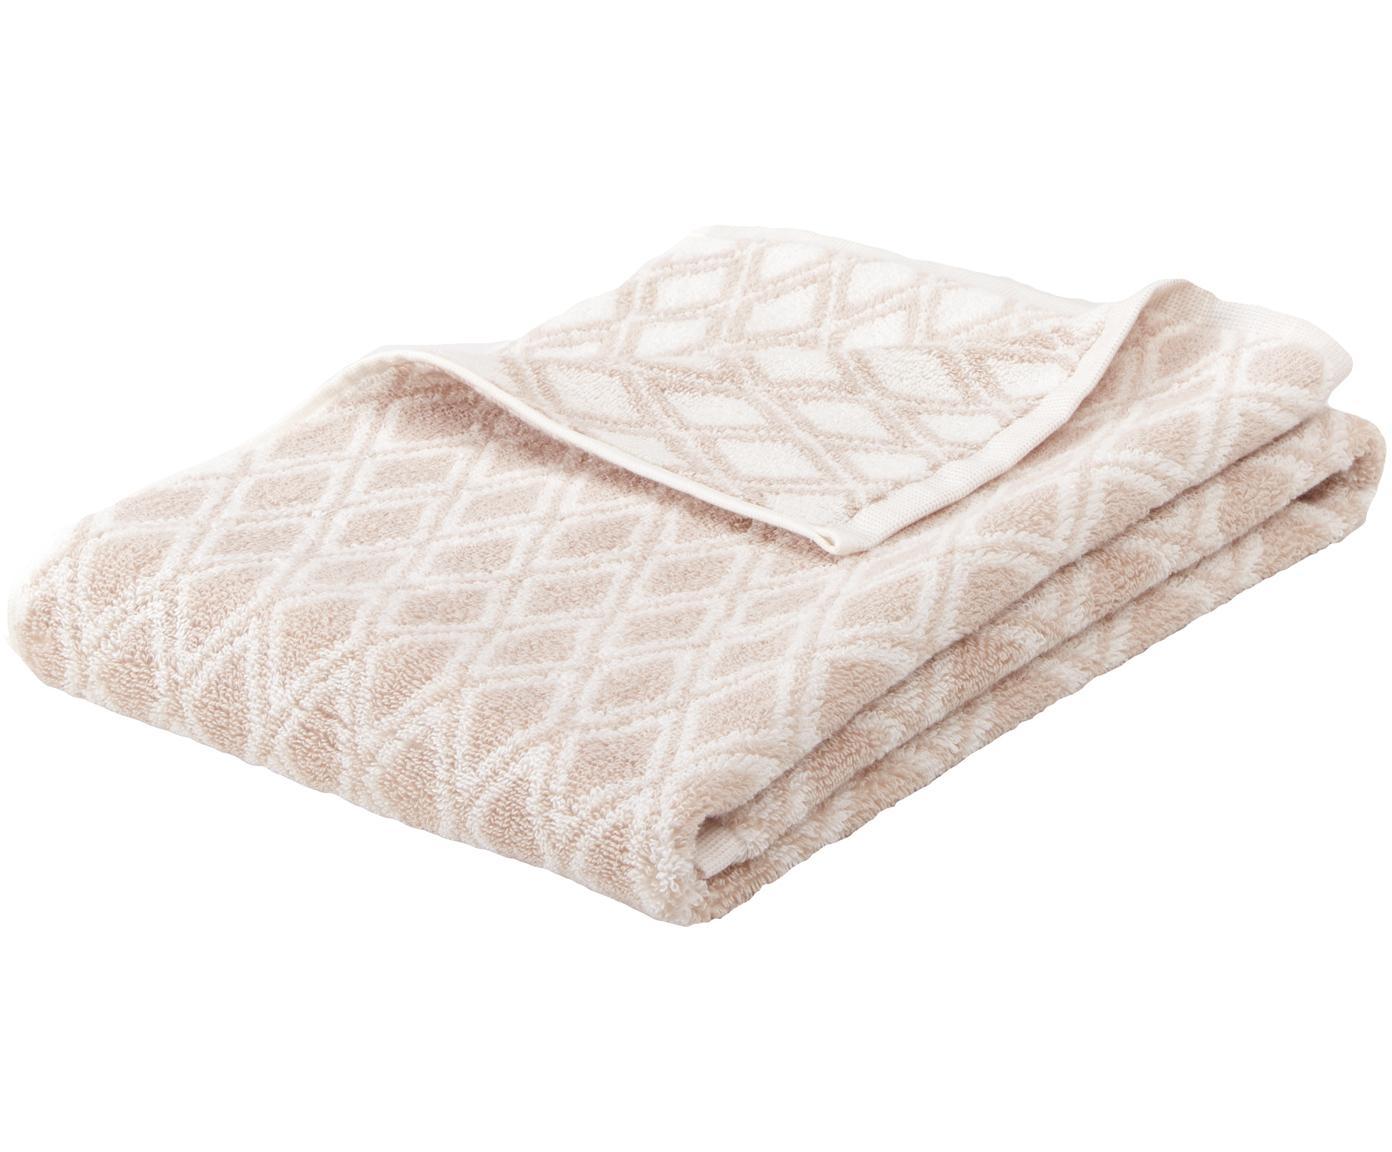 Wende-Handtuch Ava mit grafischem Muster, Sandfarben, Cremeweiß, Handtuch